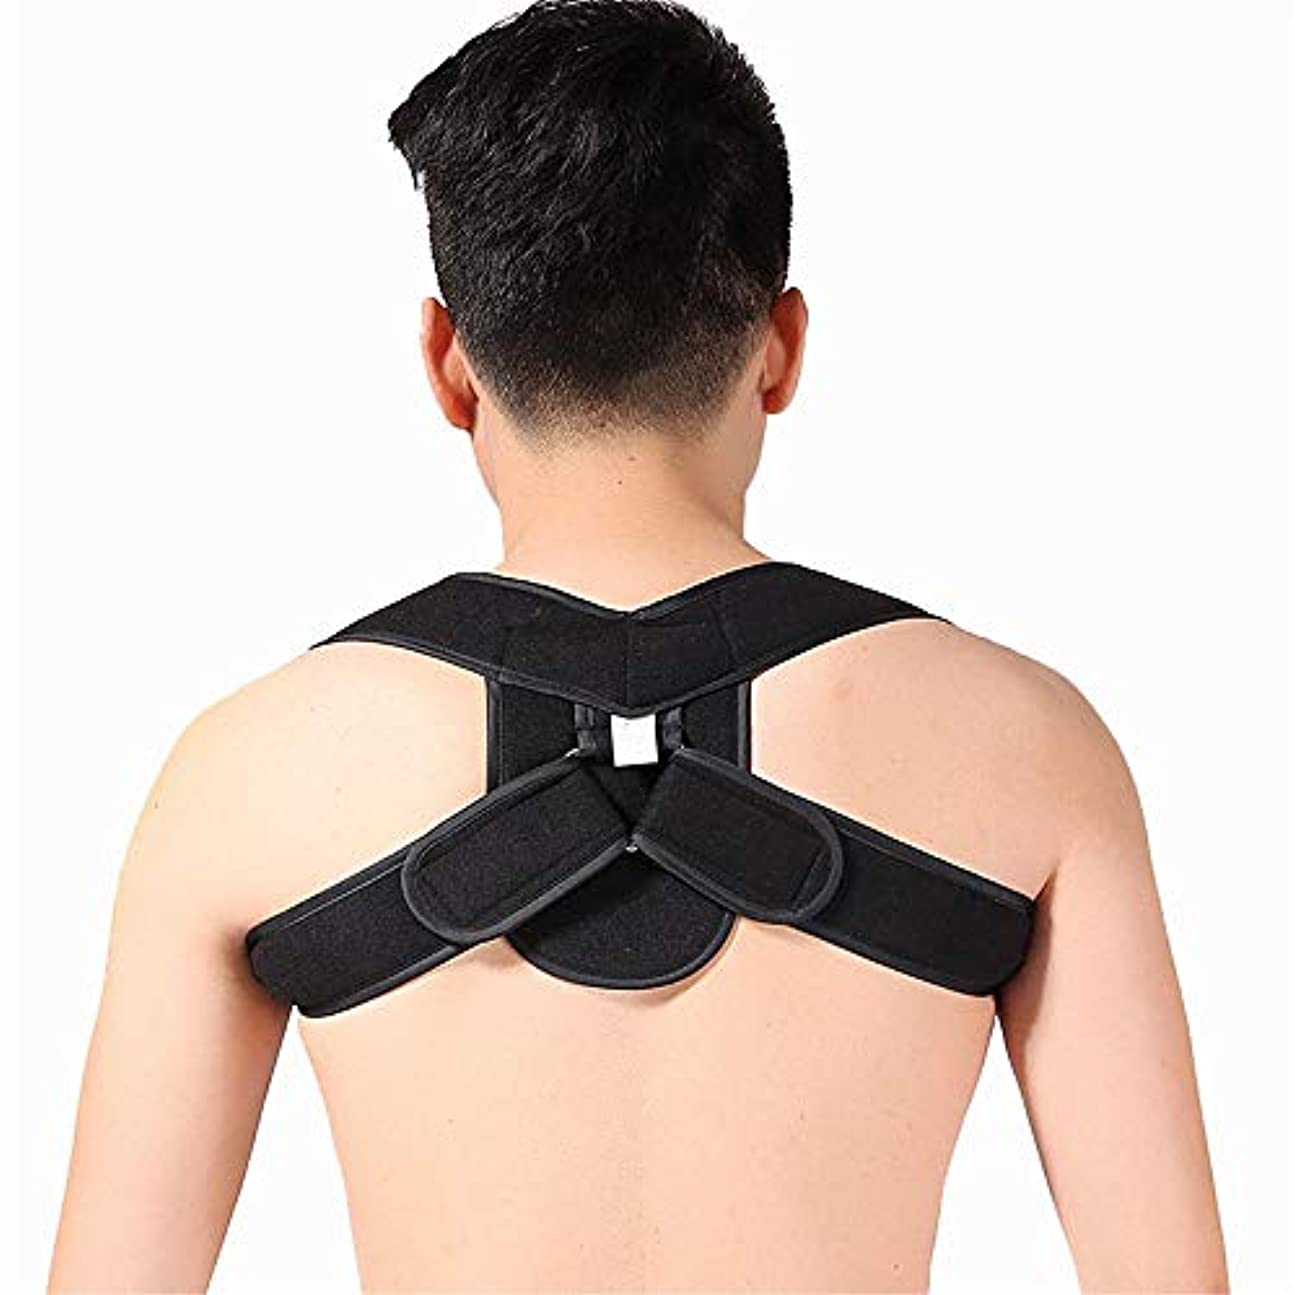 女性&男性用衣服の下で効果的で調節可能なショルダーベルト (色 : ブラック, サイズ : L)